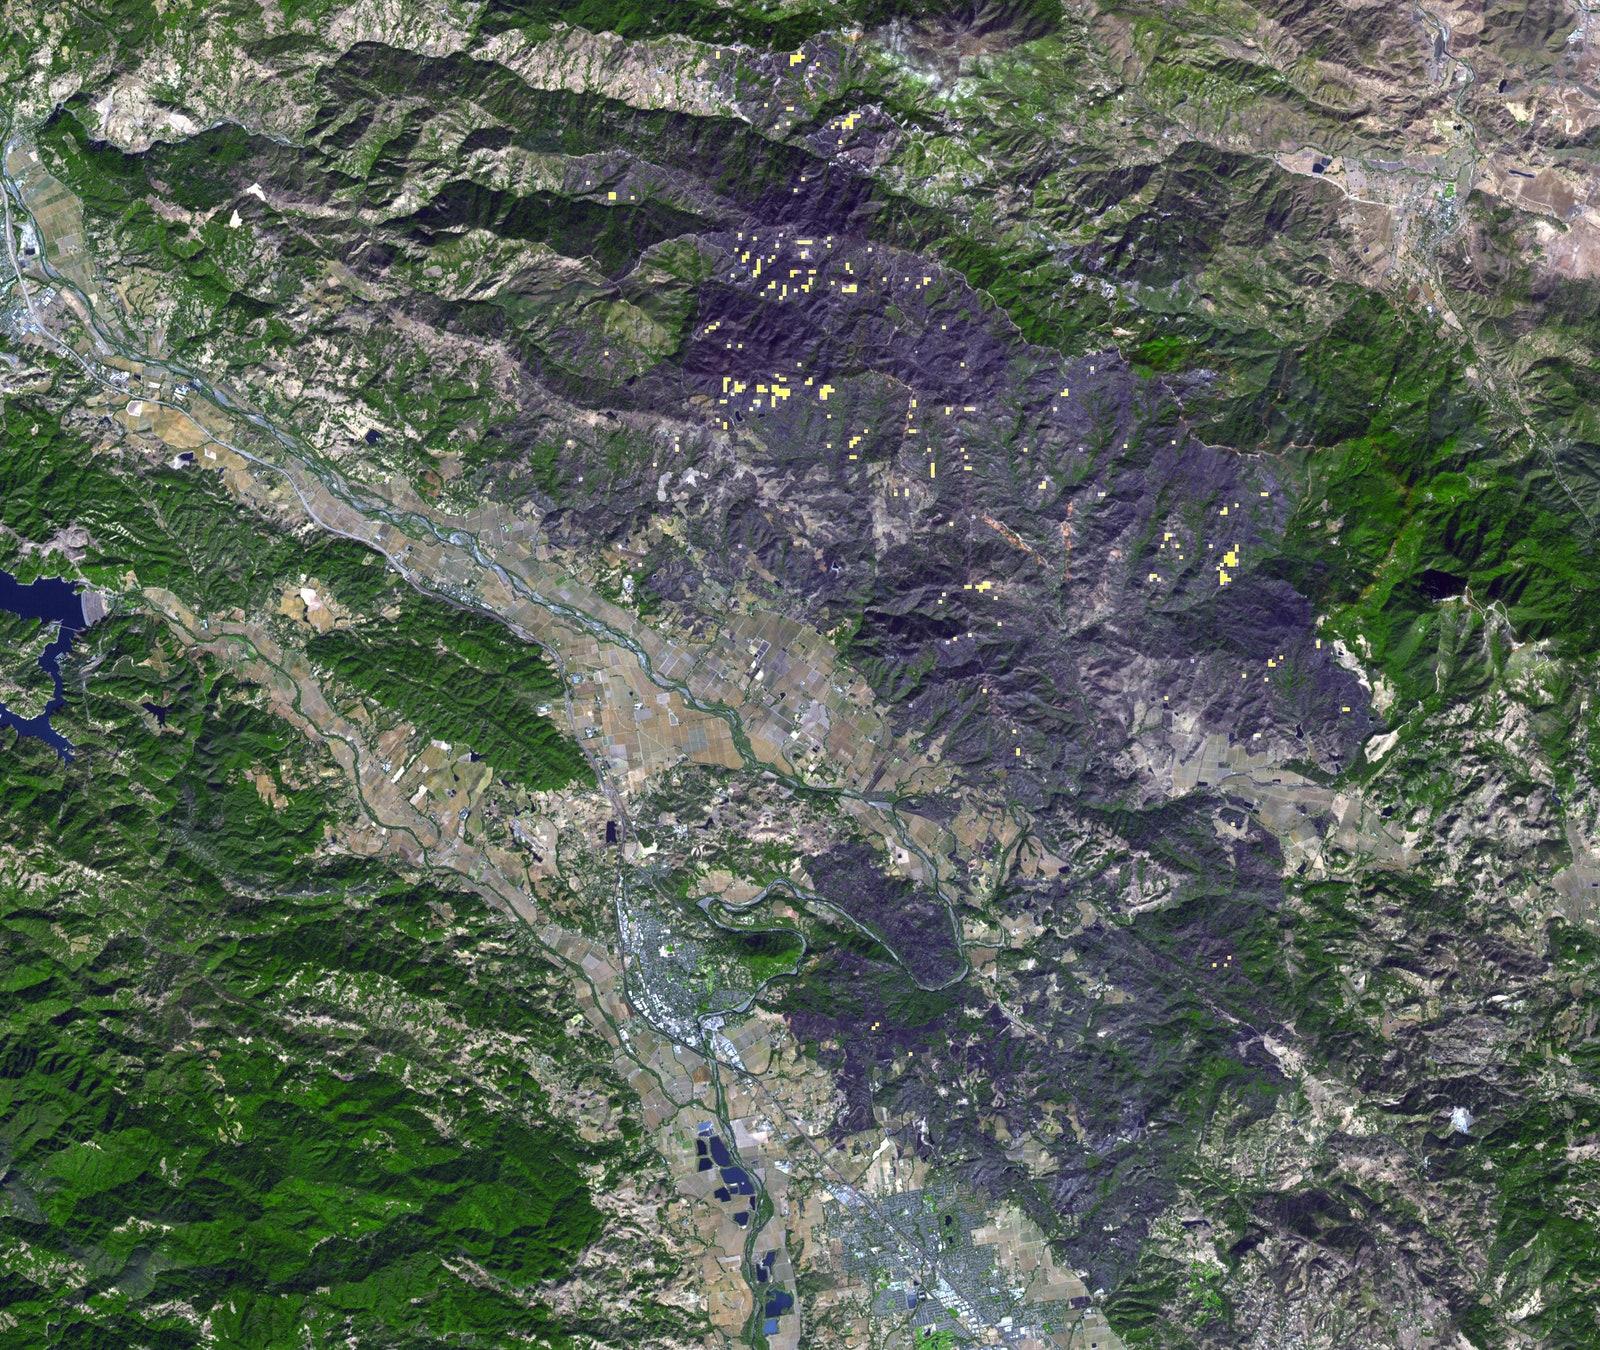 В ноябре 2019 пожар, получивший название Кинкейд, распространился почти повсему округу Сонома, штат Калифорния. Наснимке можно видеть обгоревшие области — они отмечены серым цветом. Области, где пожары все еще бушуют, помечены желтыми точками.